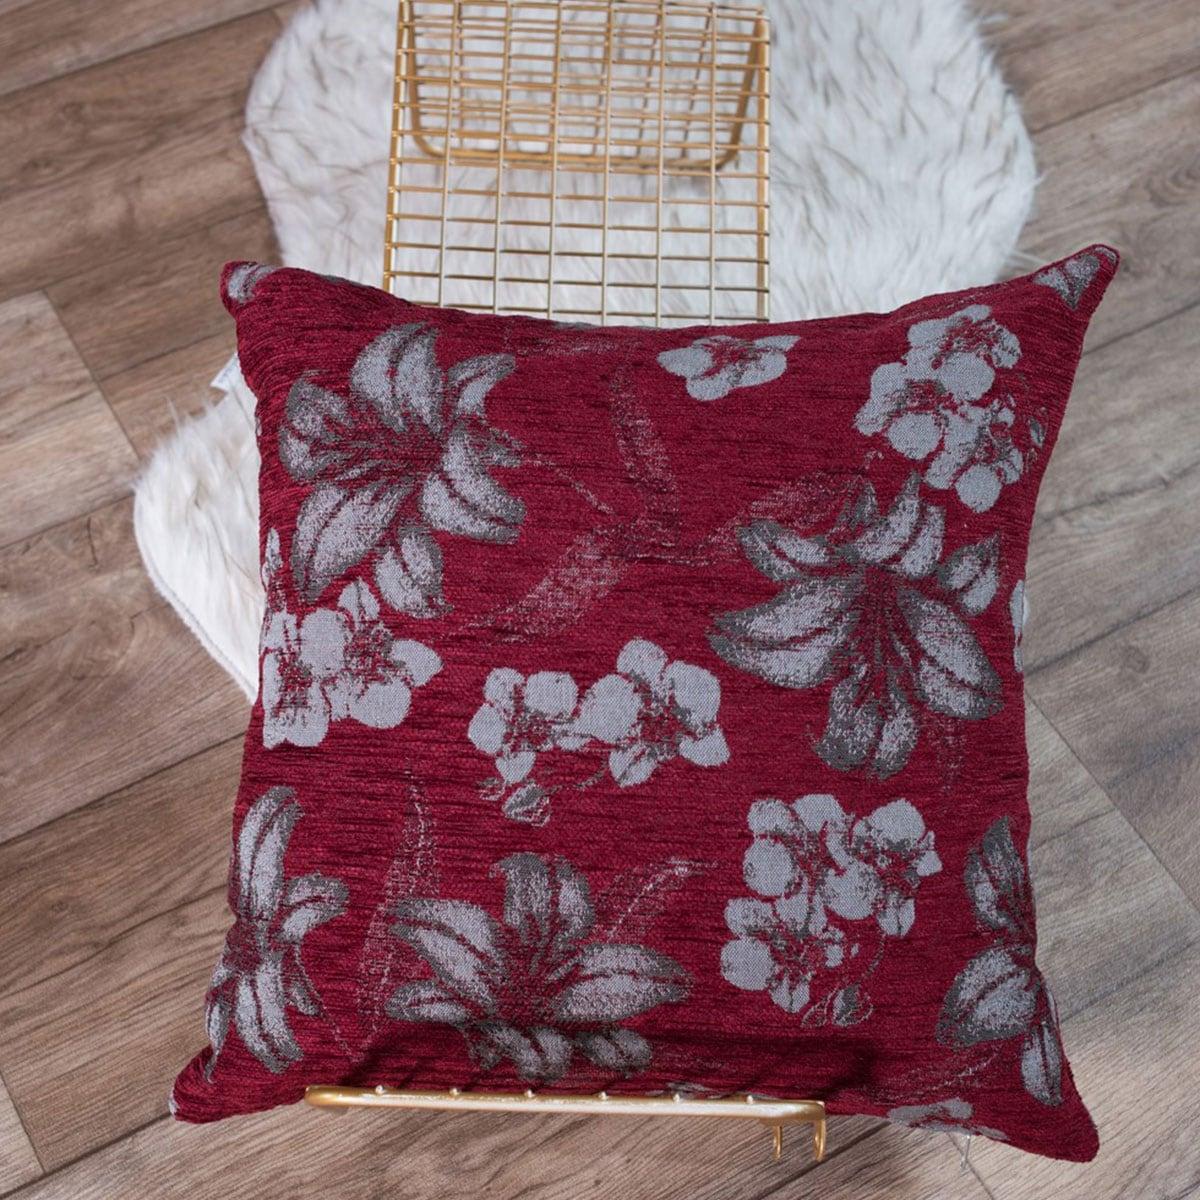 Μαξιλαροθήκη Διακοσμητική Louisiana 10 Bordo Teoran 45X45 Ακρυλικό-Polyester